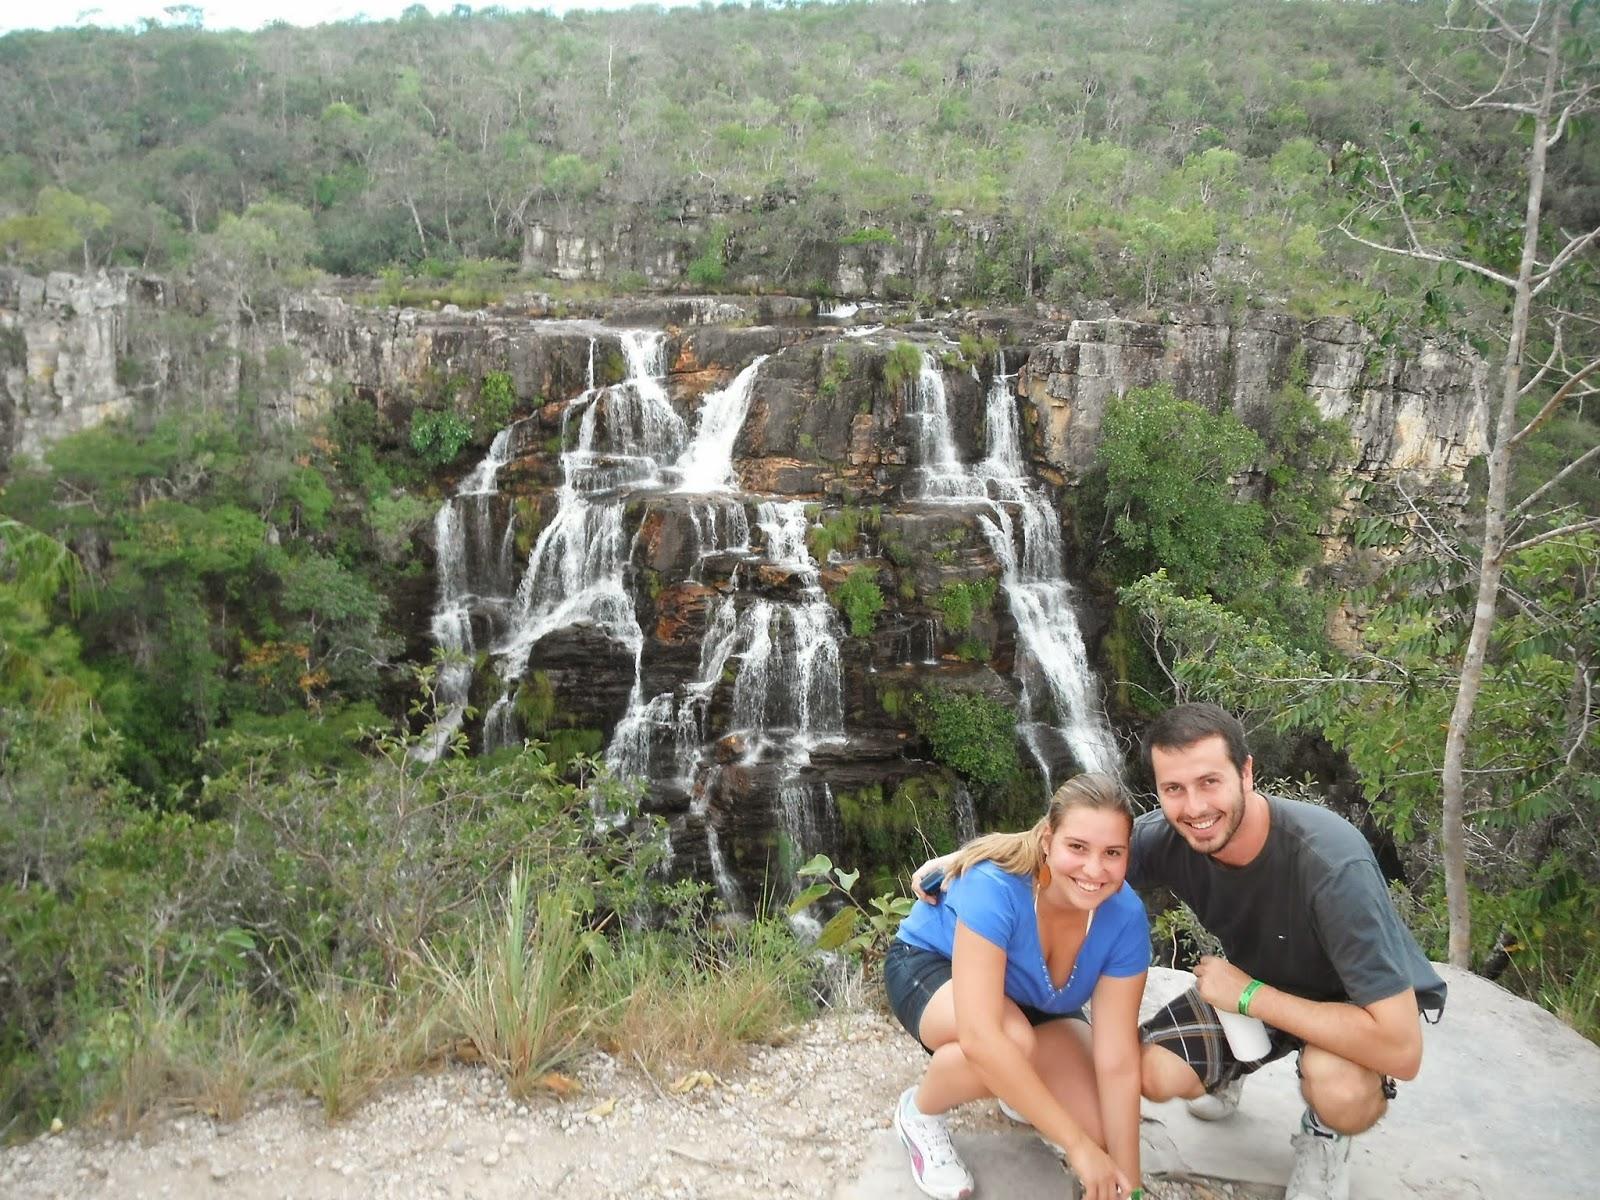 Cachoeira Almécegas I, Fazenda São Bento, Alto Paraíso, Chapada dos Veadeiros